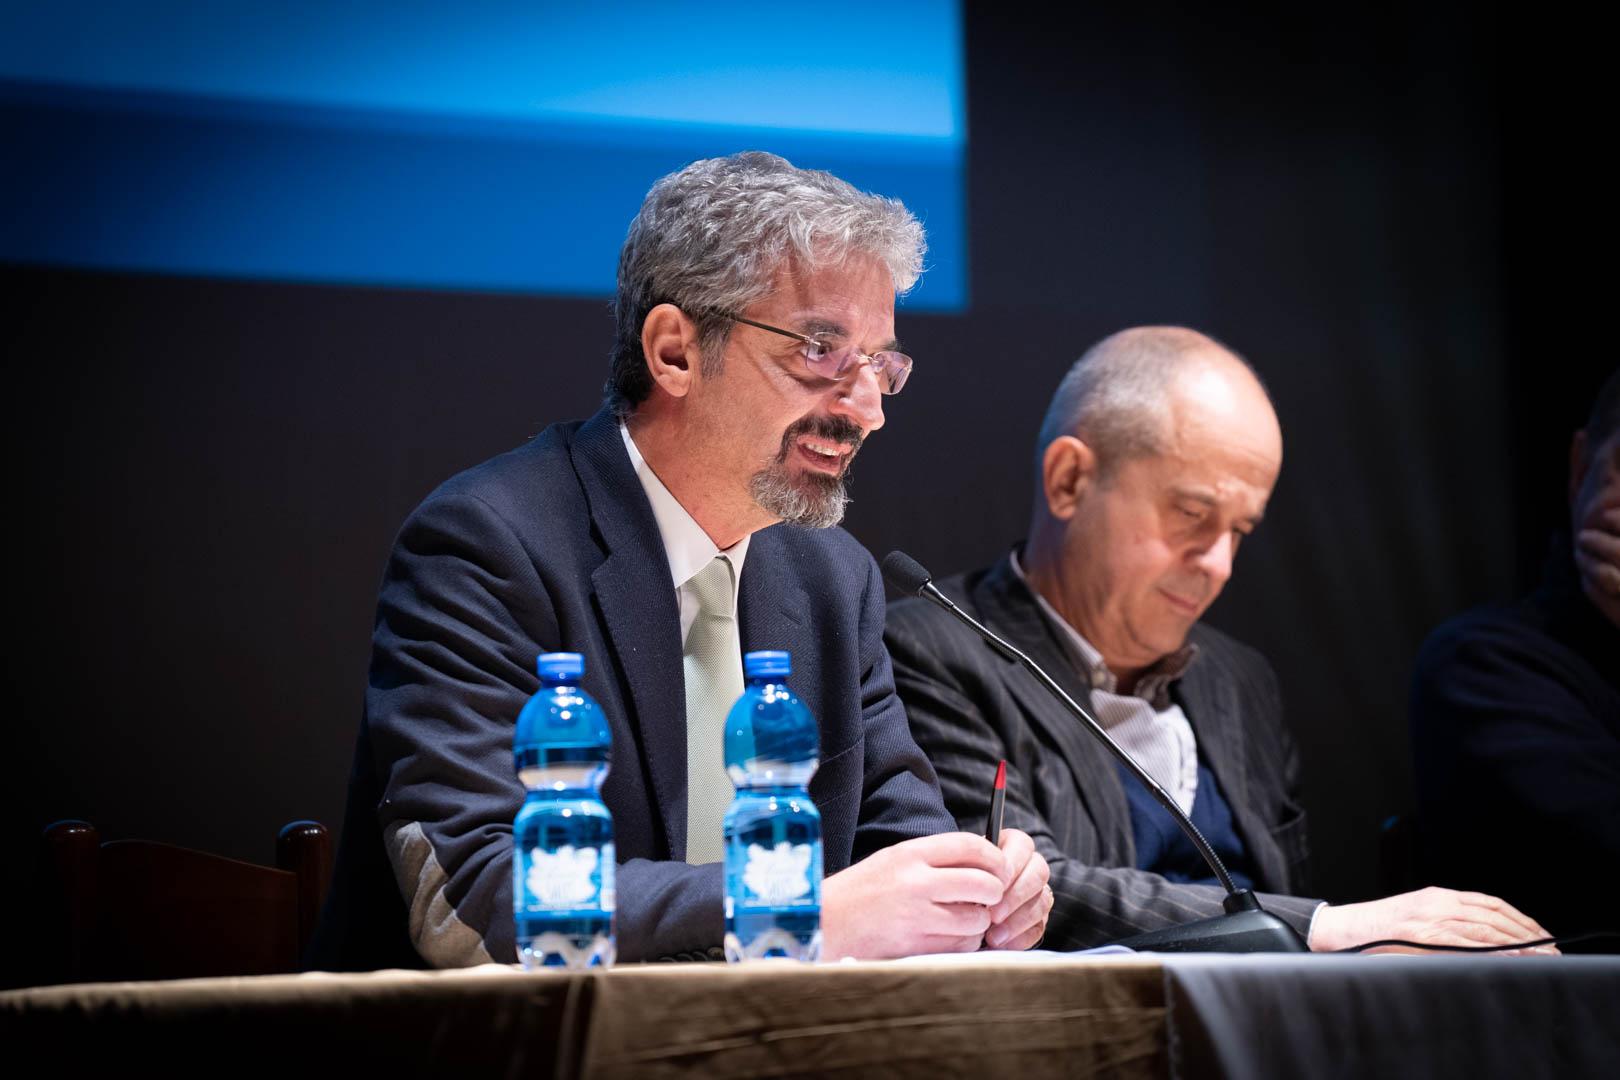 13 - Interviene il Dott. Carlo Alberto Tersalvi - IL 2° LIBRO BIANCO DELL'INCONTINENZA - Seriate, 20.11.2019